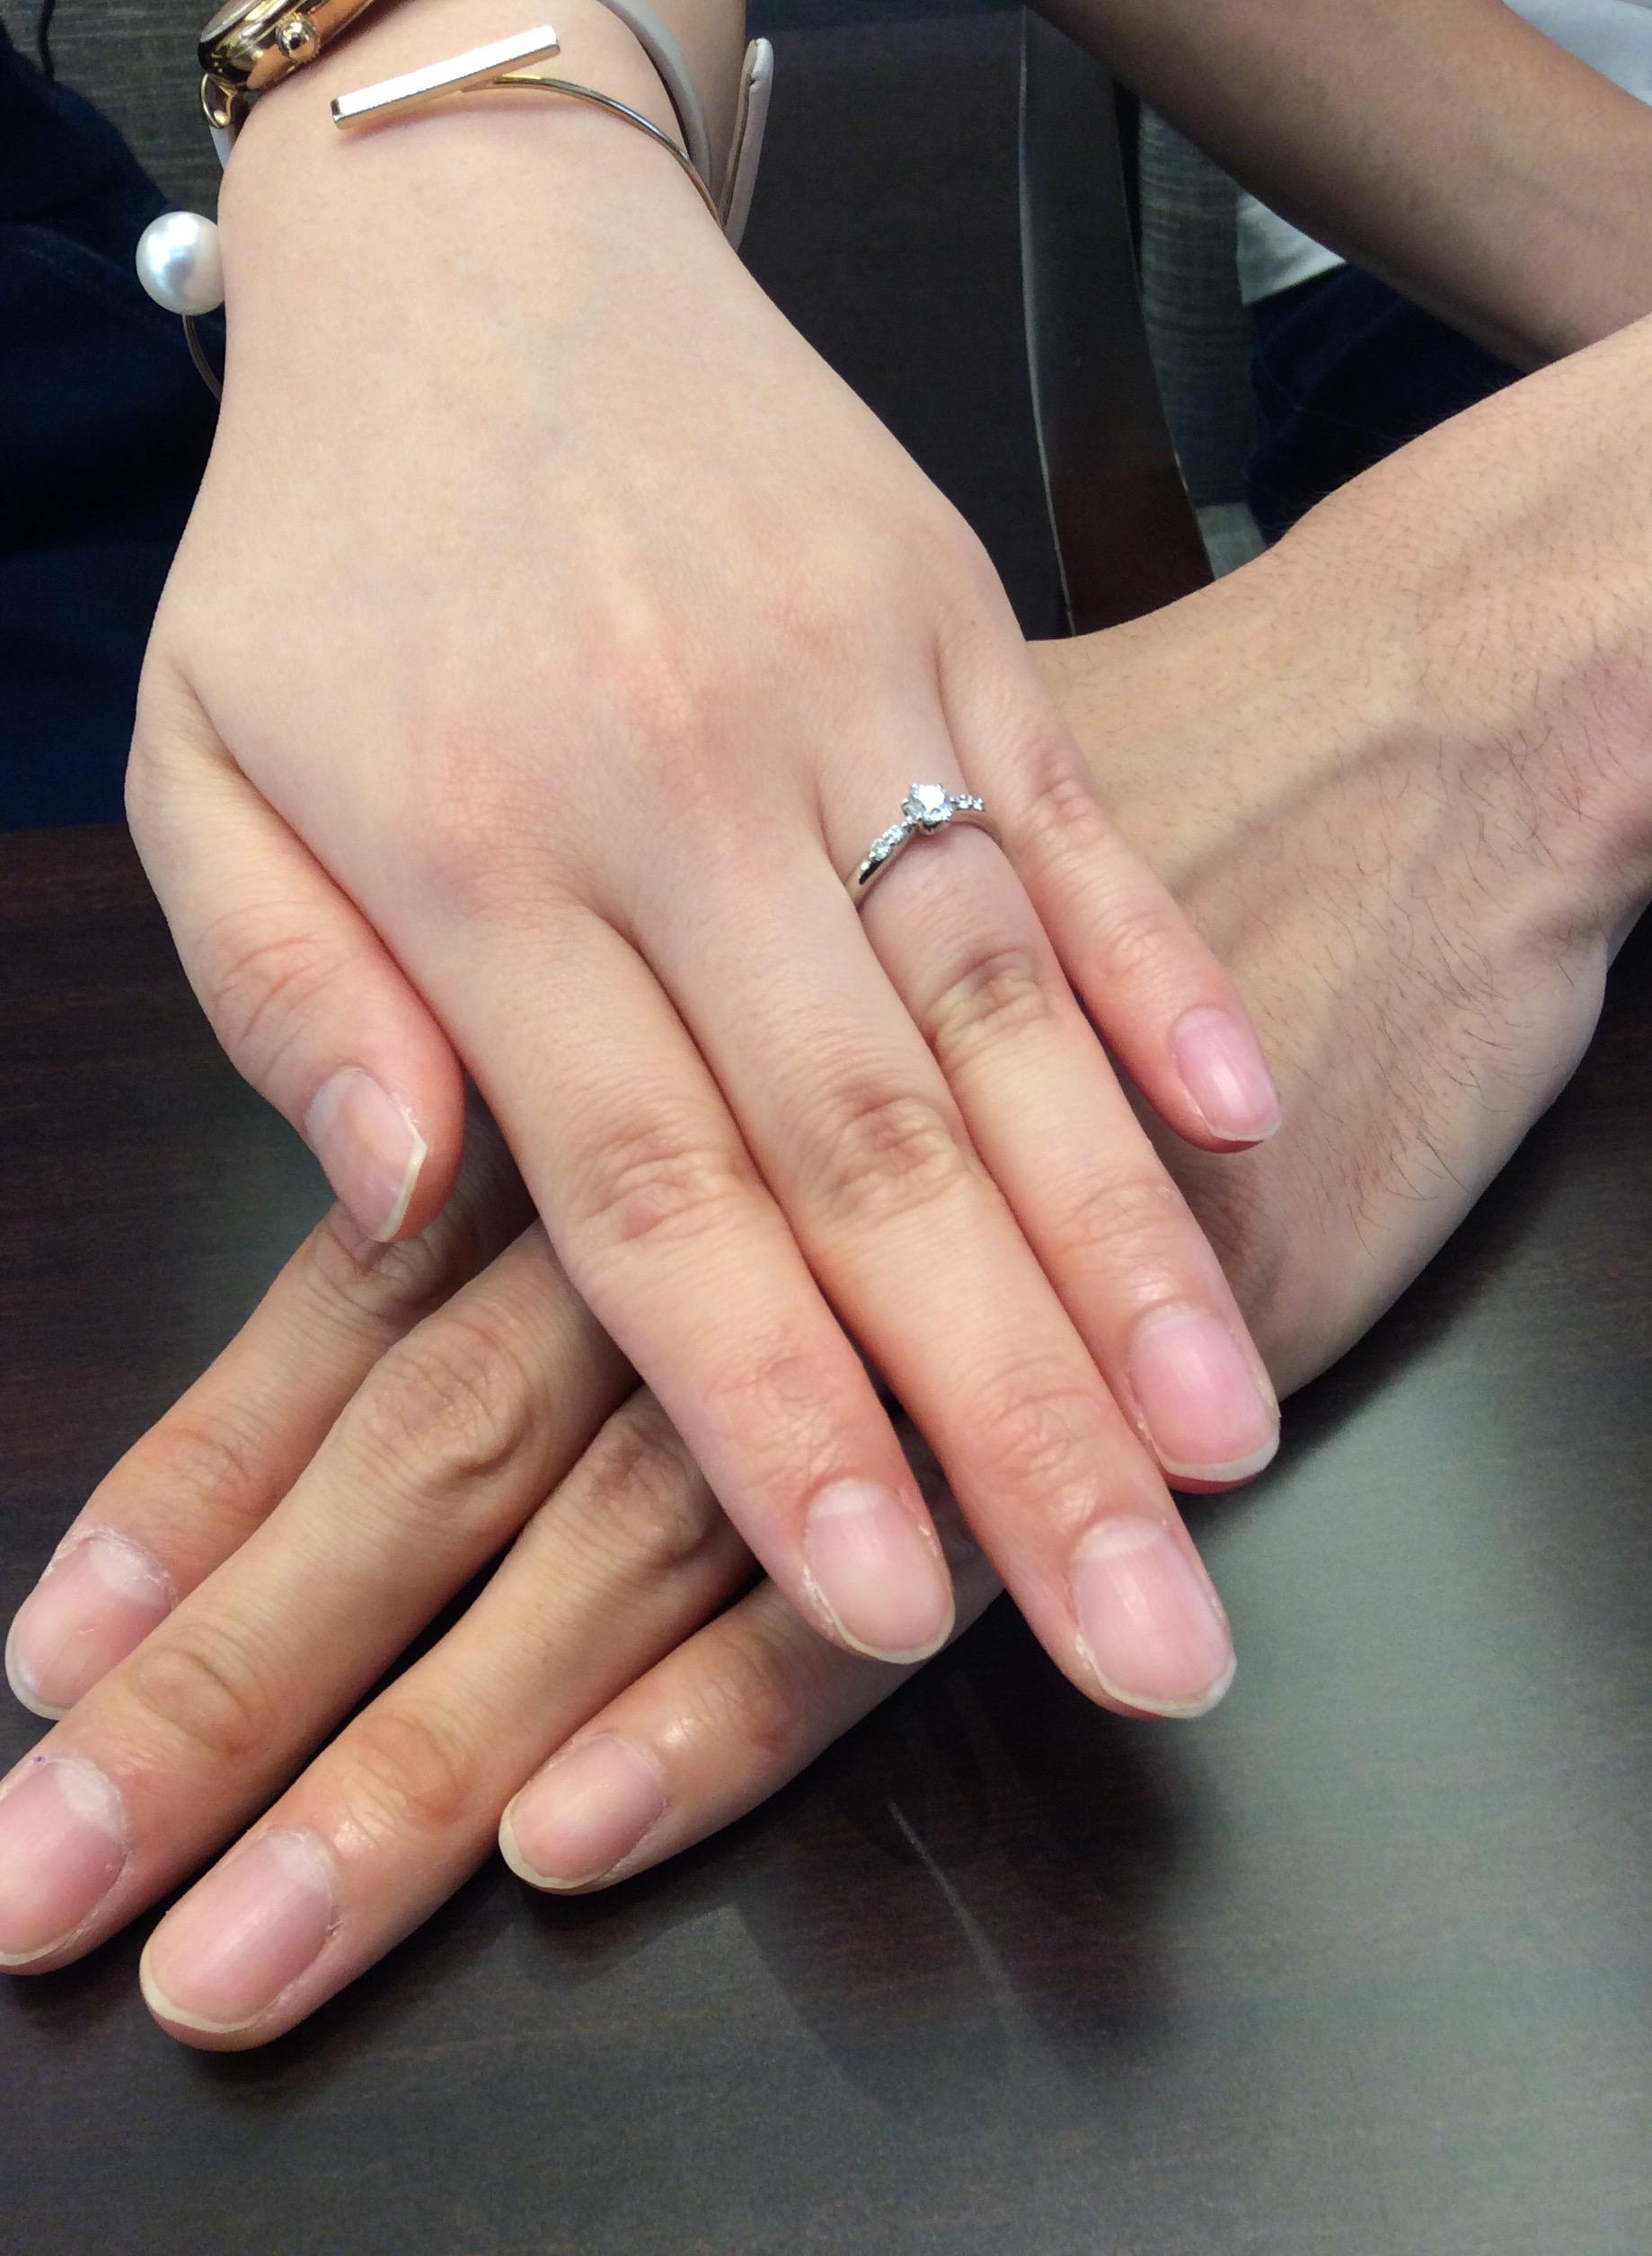 婚約指輪 ラザールダイヤモンドをご成約頂きました!!(新潟市/U様)